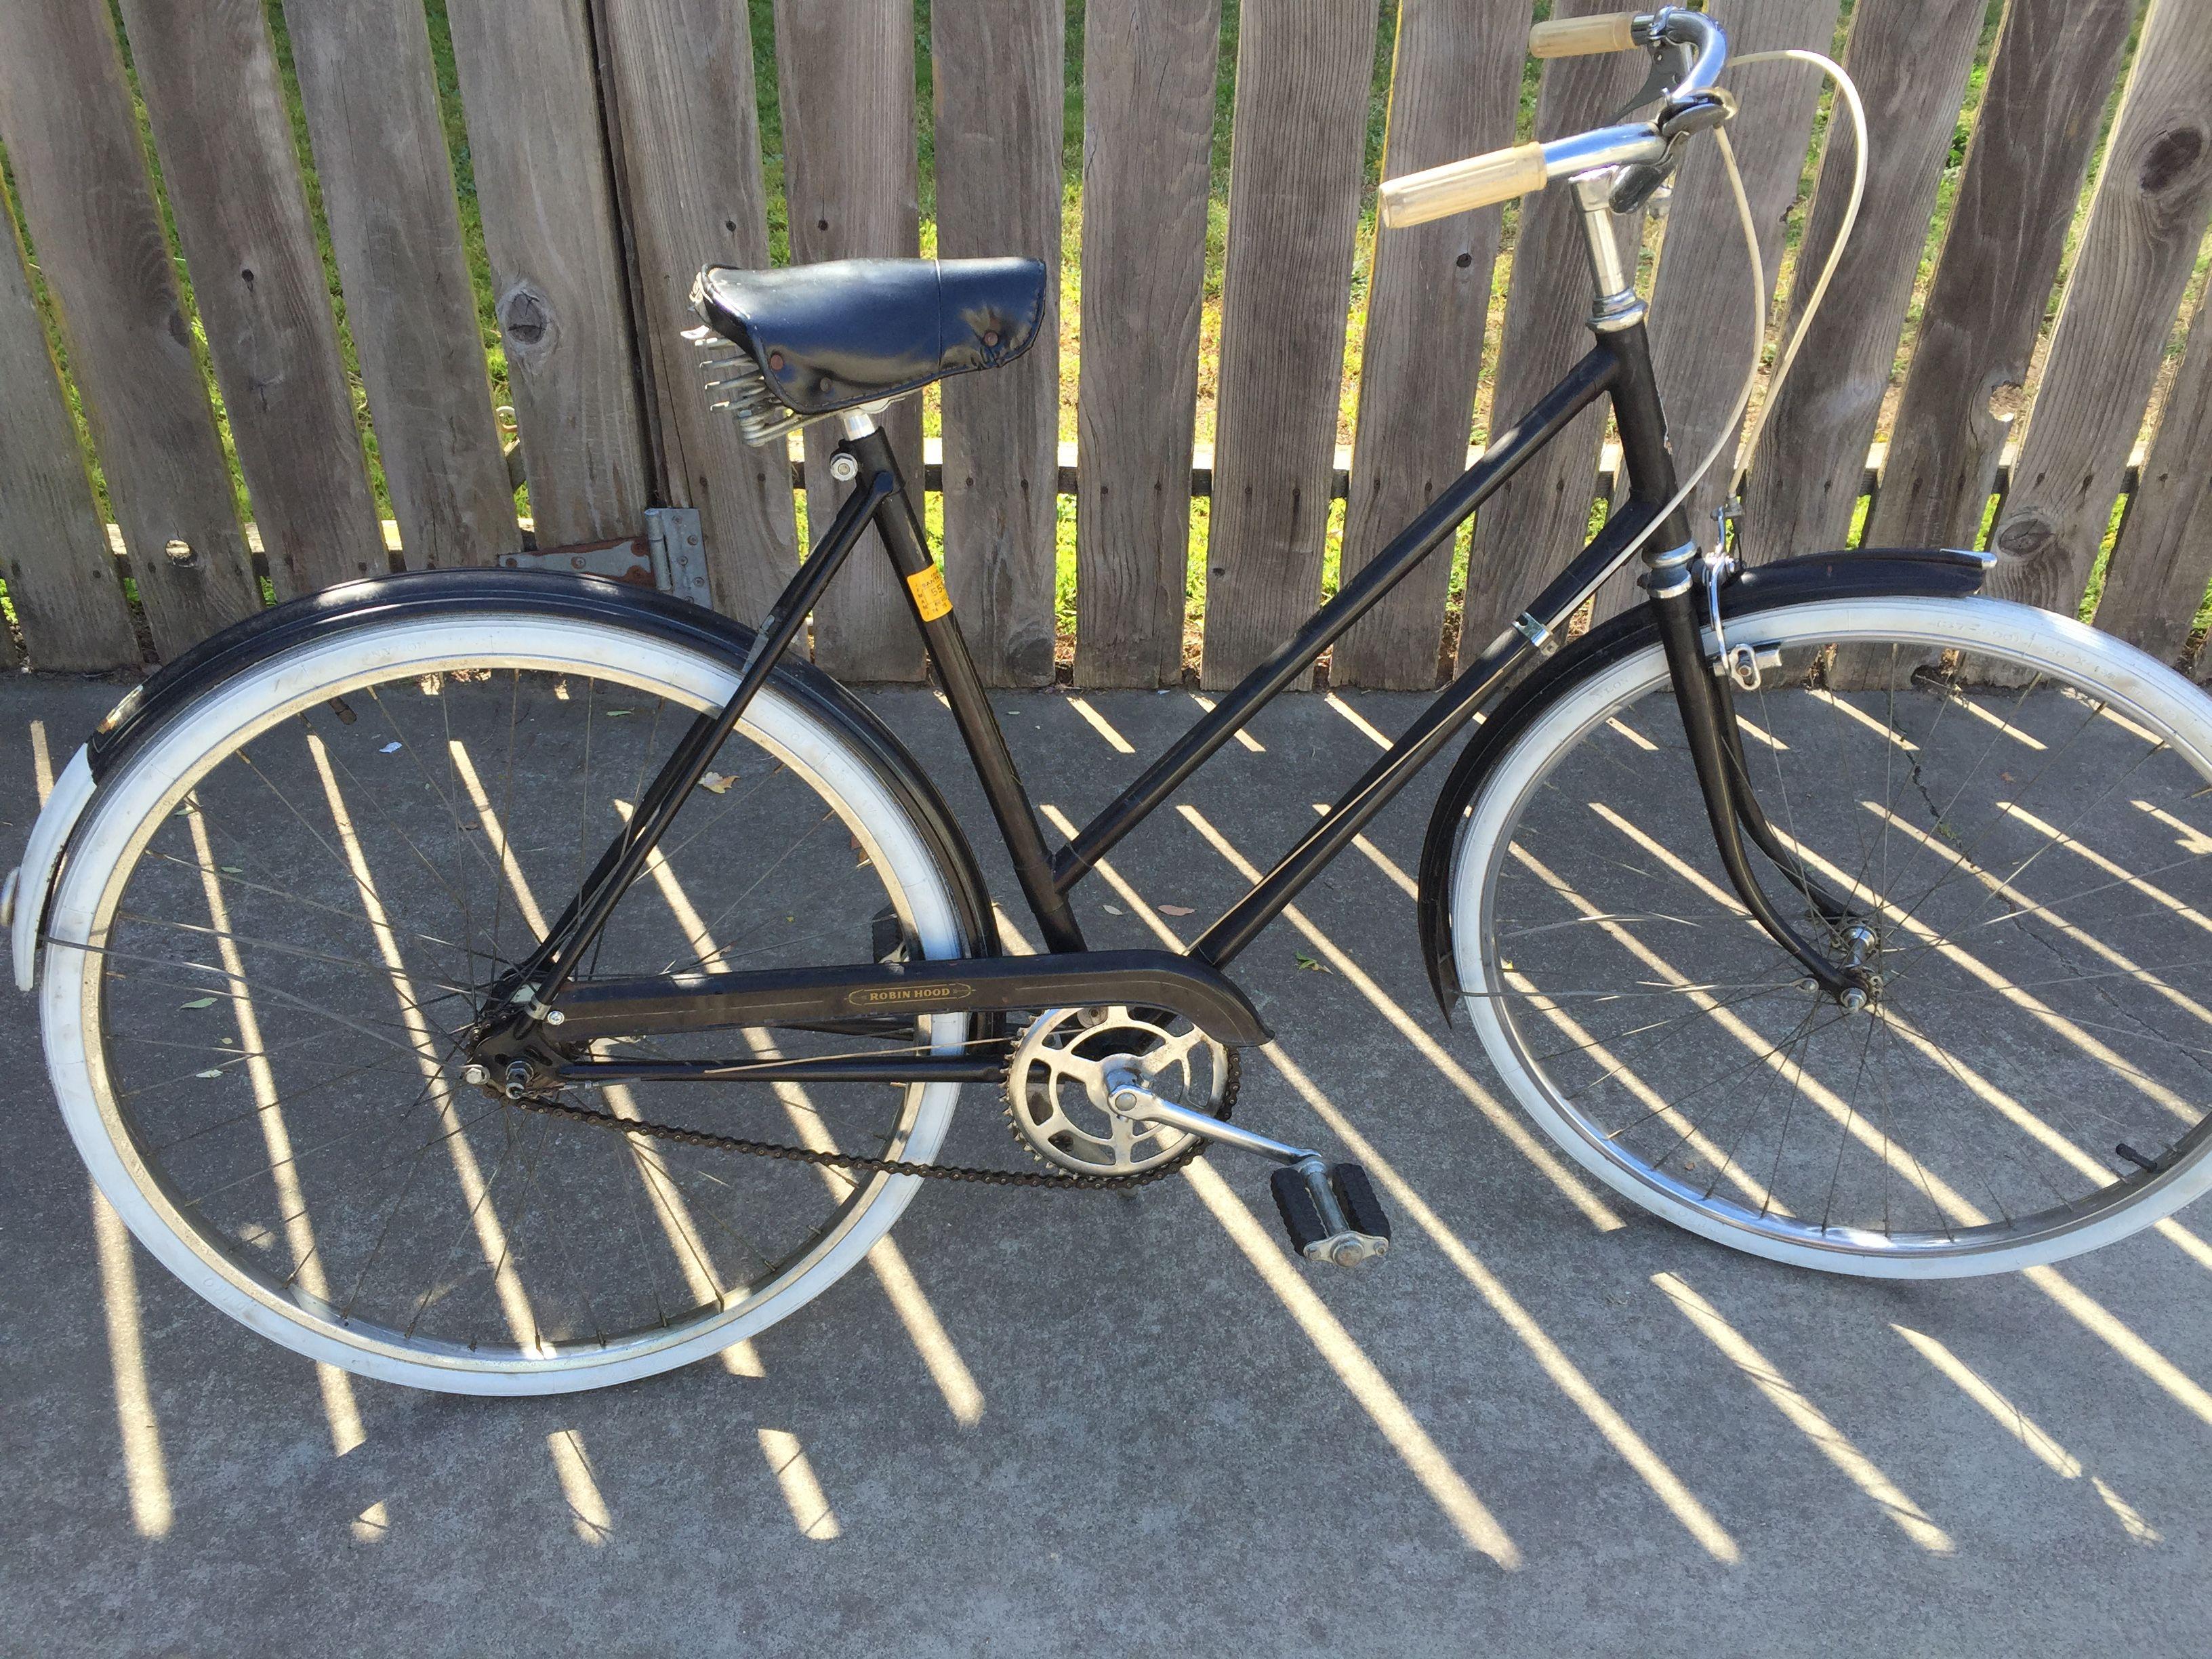 1965 Raleigh Robin Hood Raleigh Bikes Vintage Bicycles Vintage Bikes